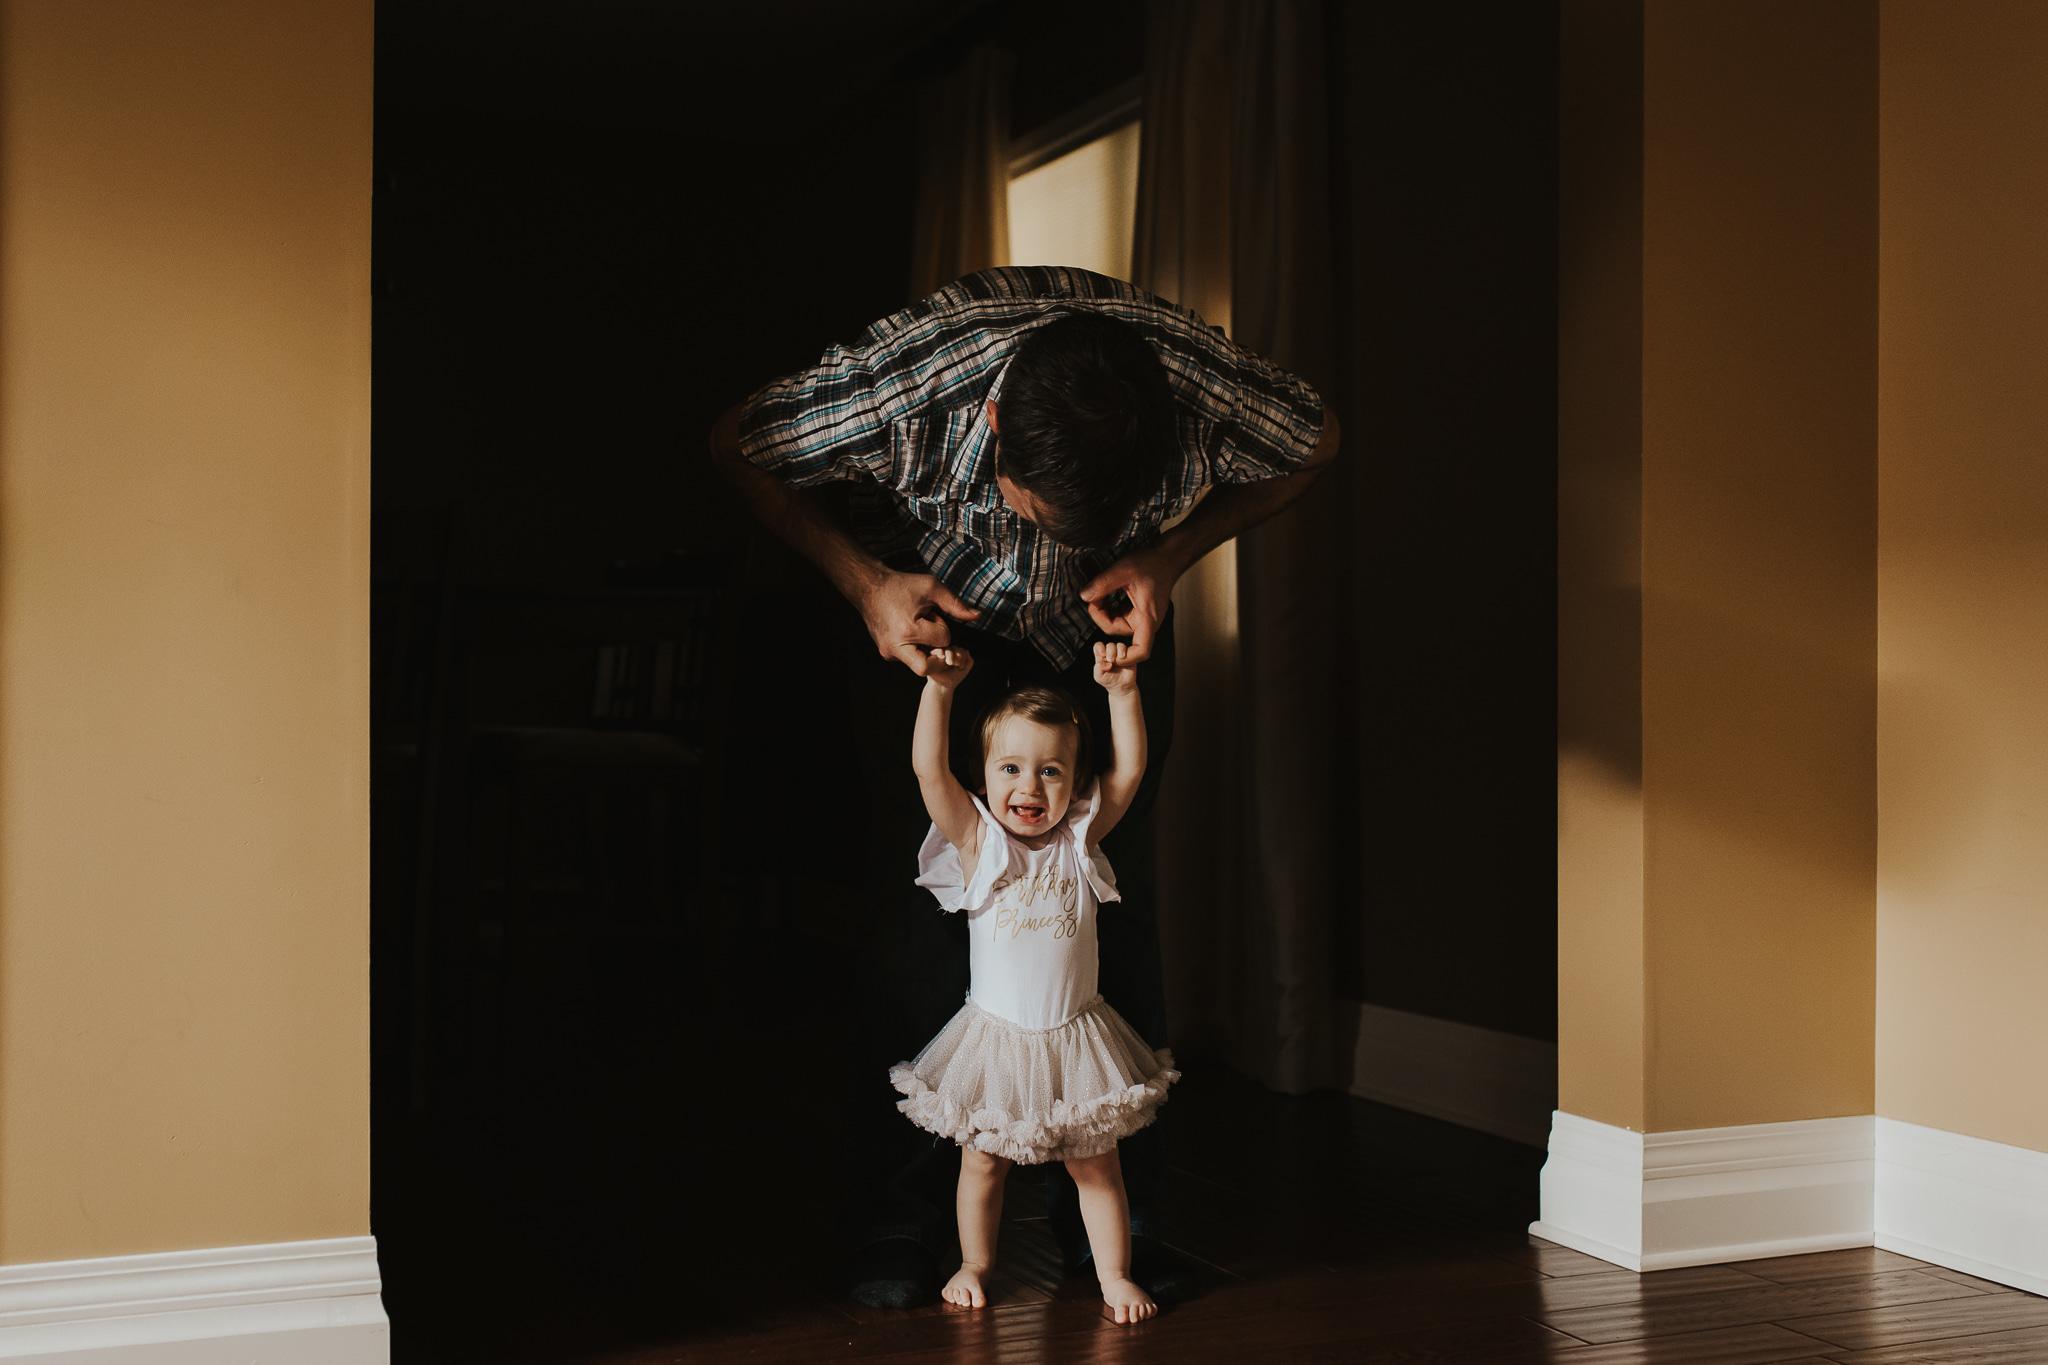 Alina-Joy-Photography-Cold-Lake-Lifestyle-Photographer-129.jpg